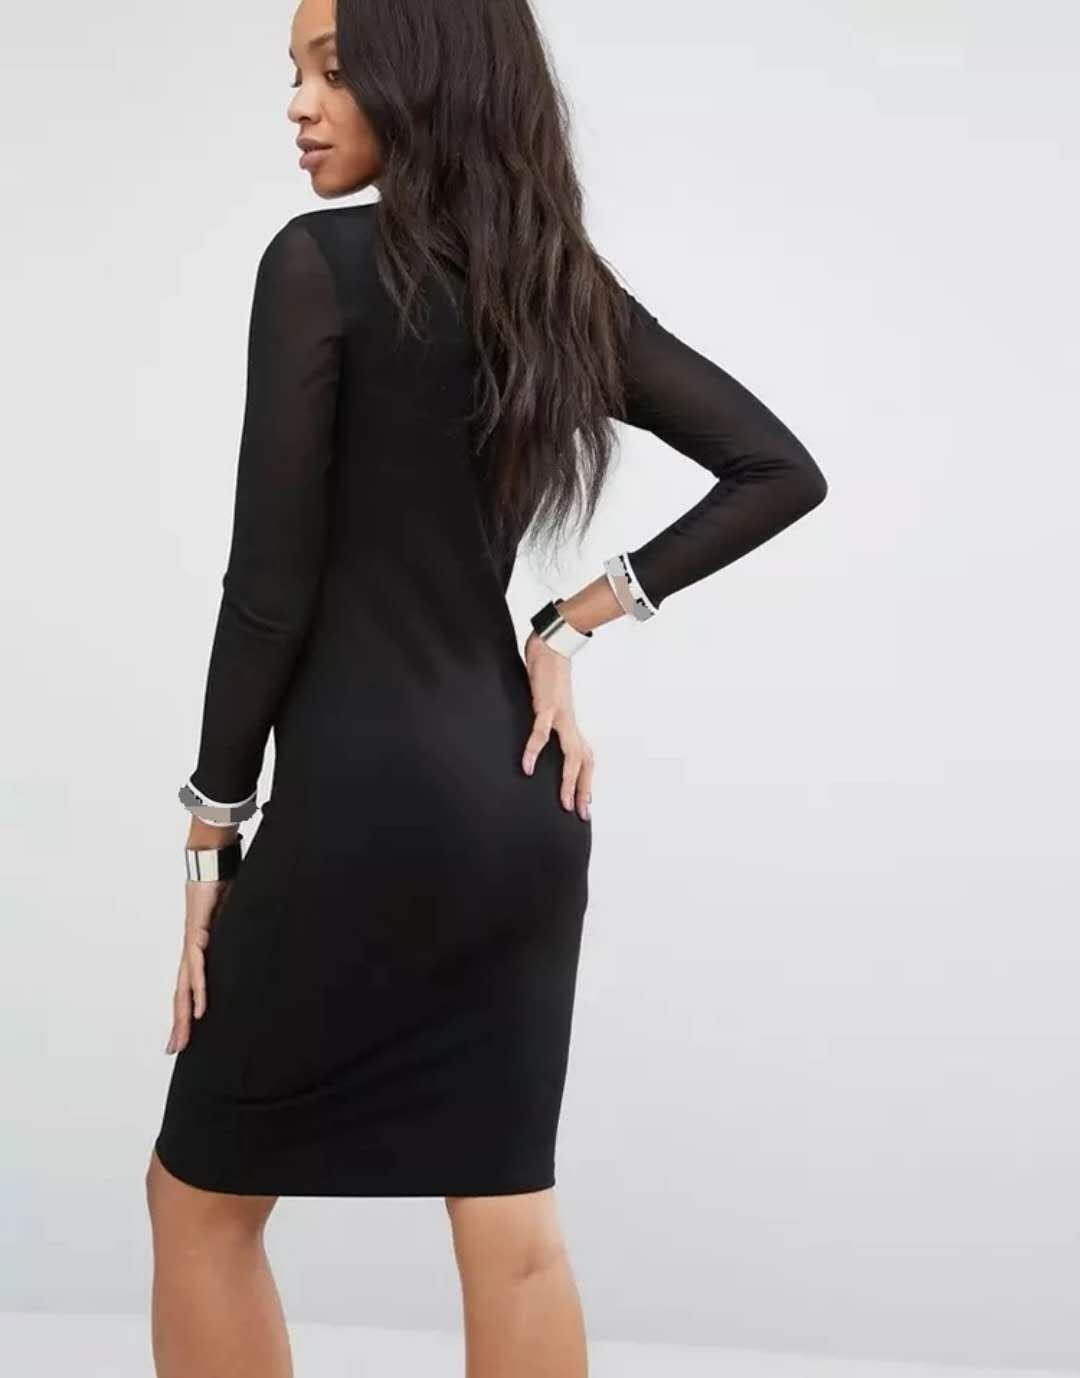 Womens caldo di lusso del vestito del progettista di marca nero sexy abiti di colore del nuovo delle donne breve con lettera stampata P Leopard C0py Abbigliamento YF203102